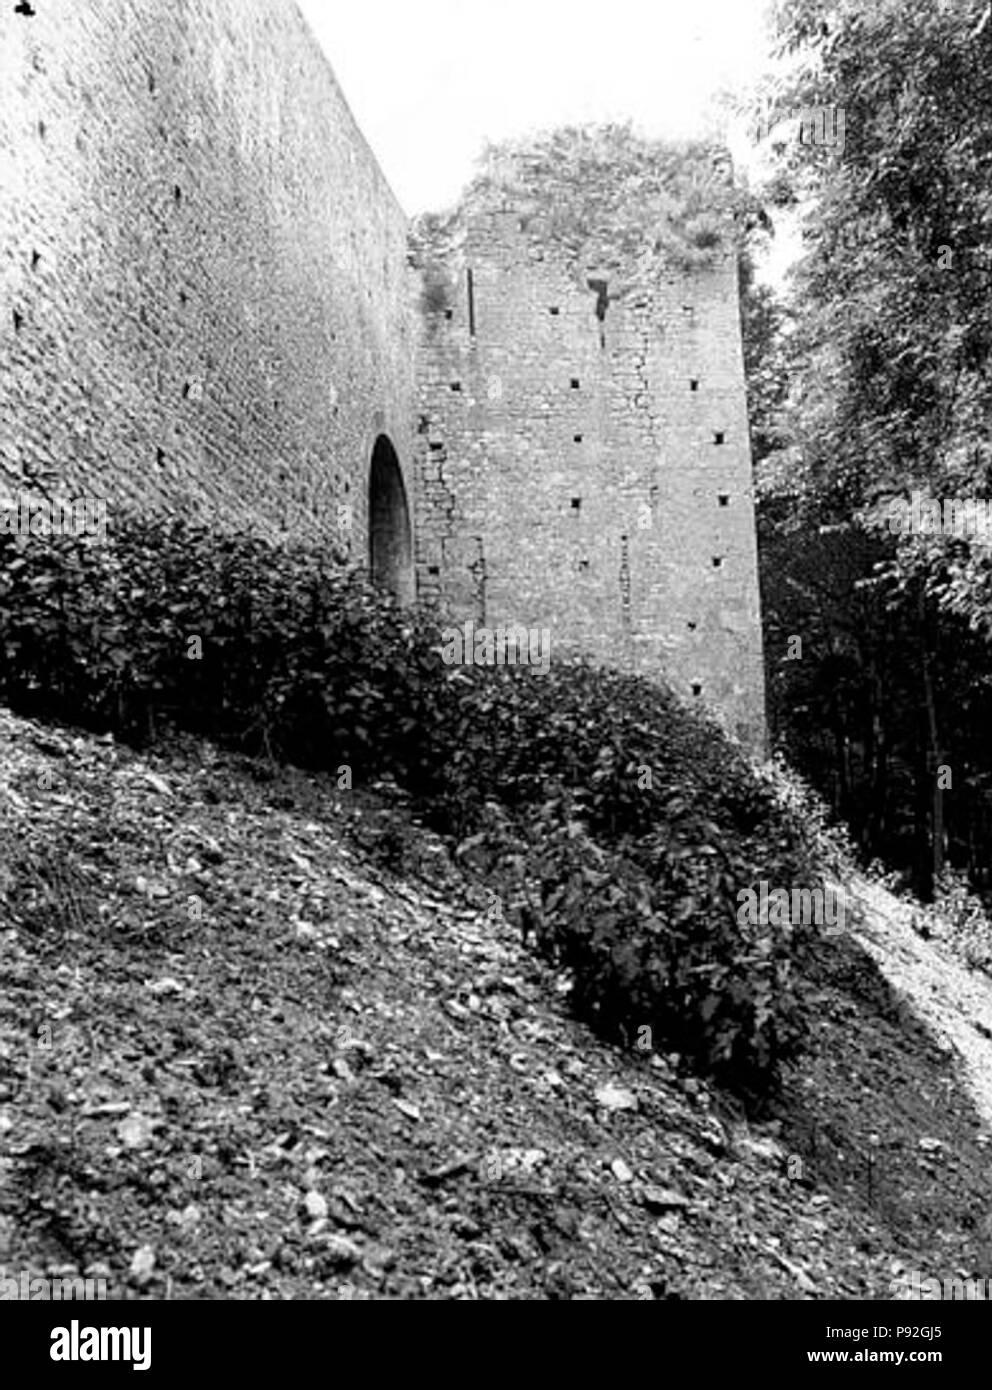 478 Remparts - Poudrière - Provins - Médiathèque de l'architecture et du patrimoine - APMH00031707 - Stock Image